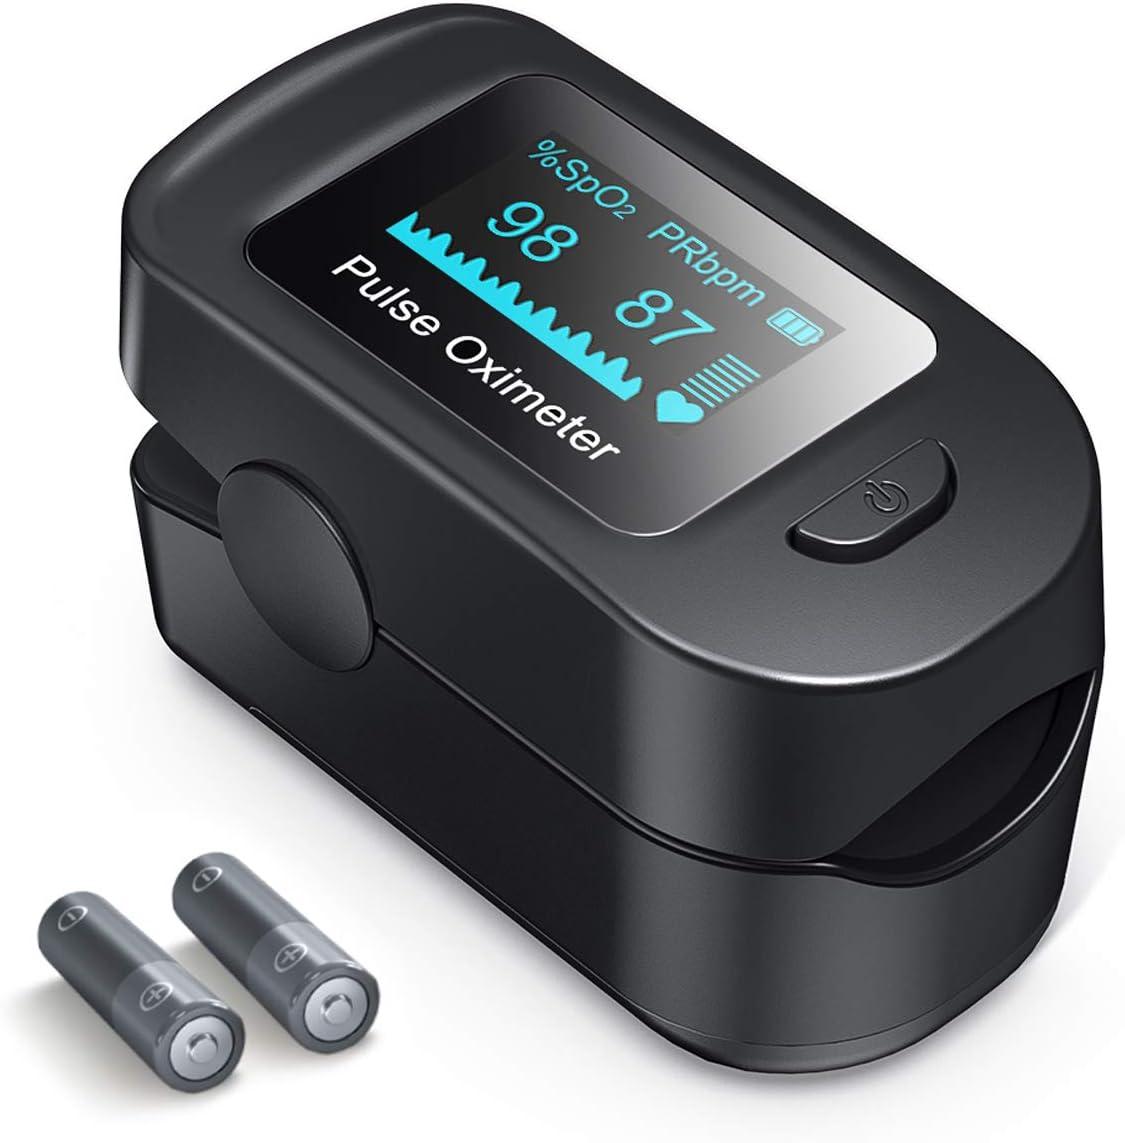 Oxímetro de Pulso de Dedo, Roffie Pulsioxímetro Monitor de Salud Corporal con Pantalla OLED, Medidor de Sensor de Pulso con Alarma para Adultos y Niños(Negro)